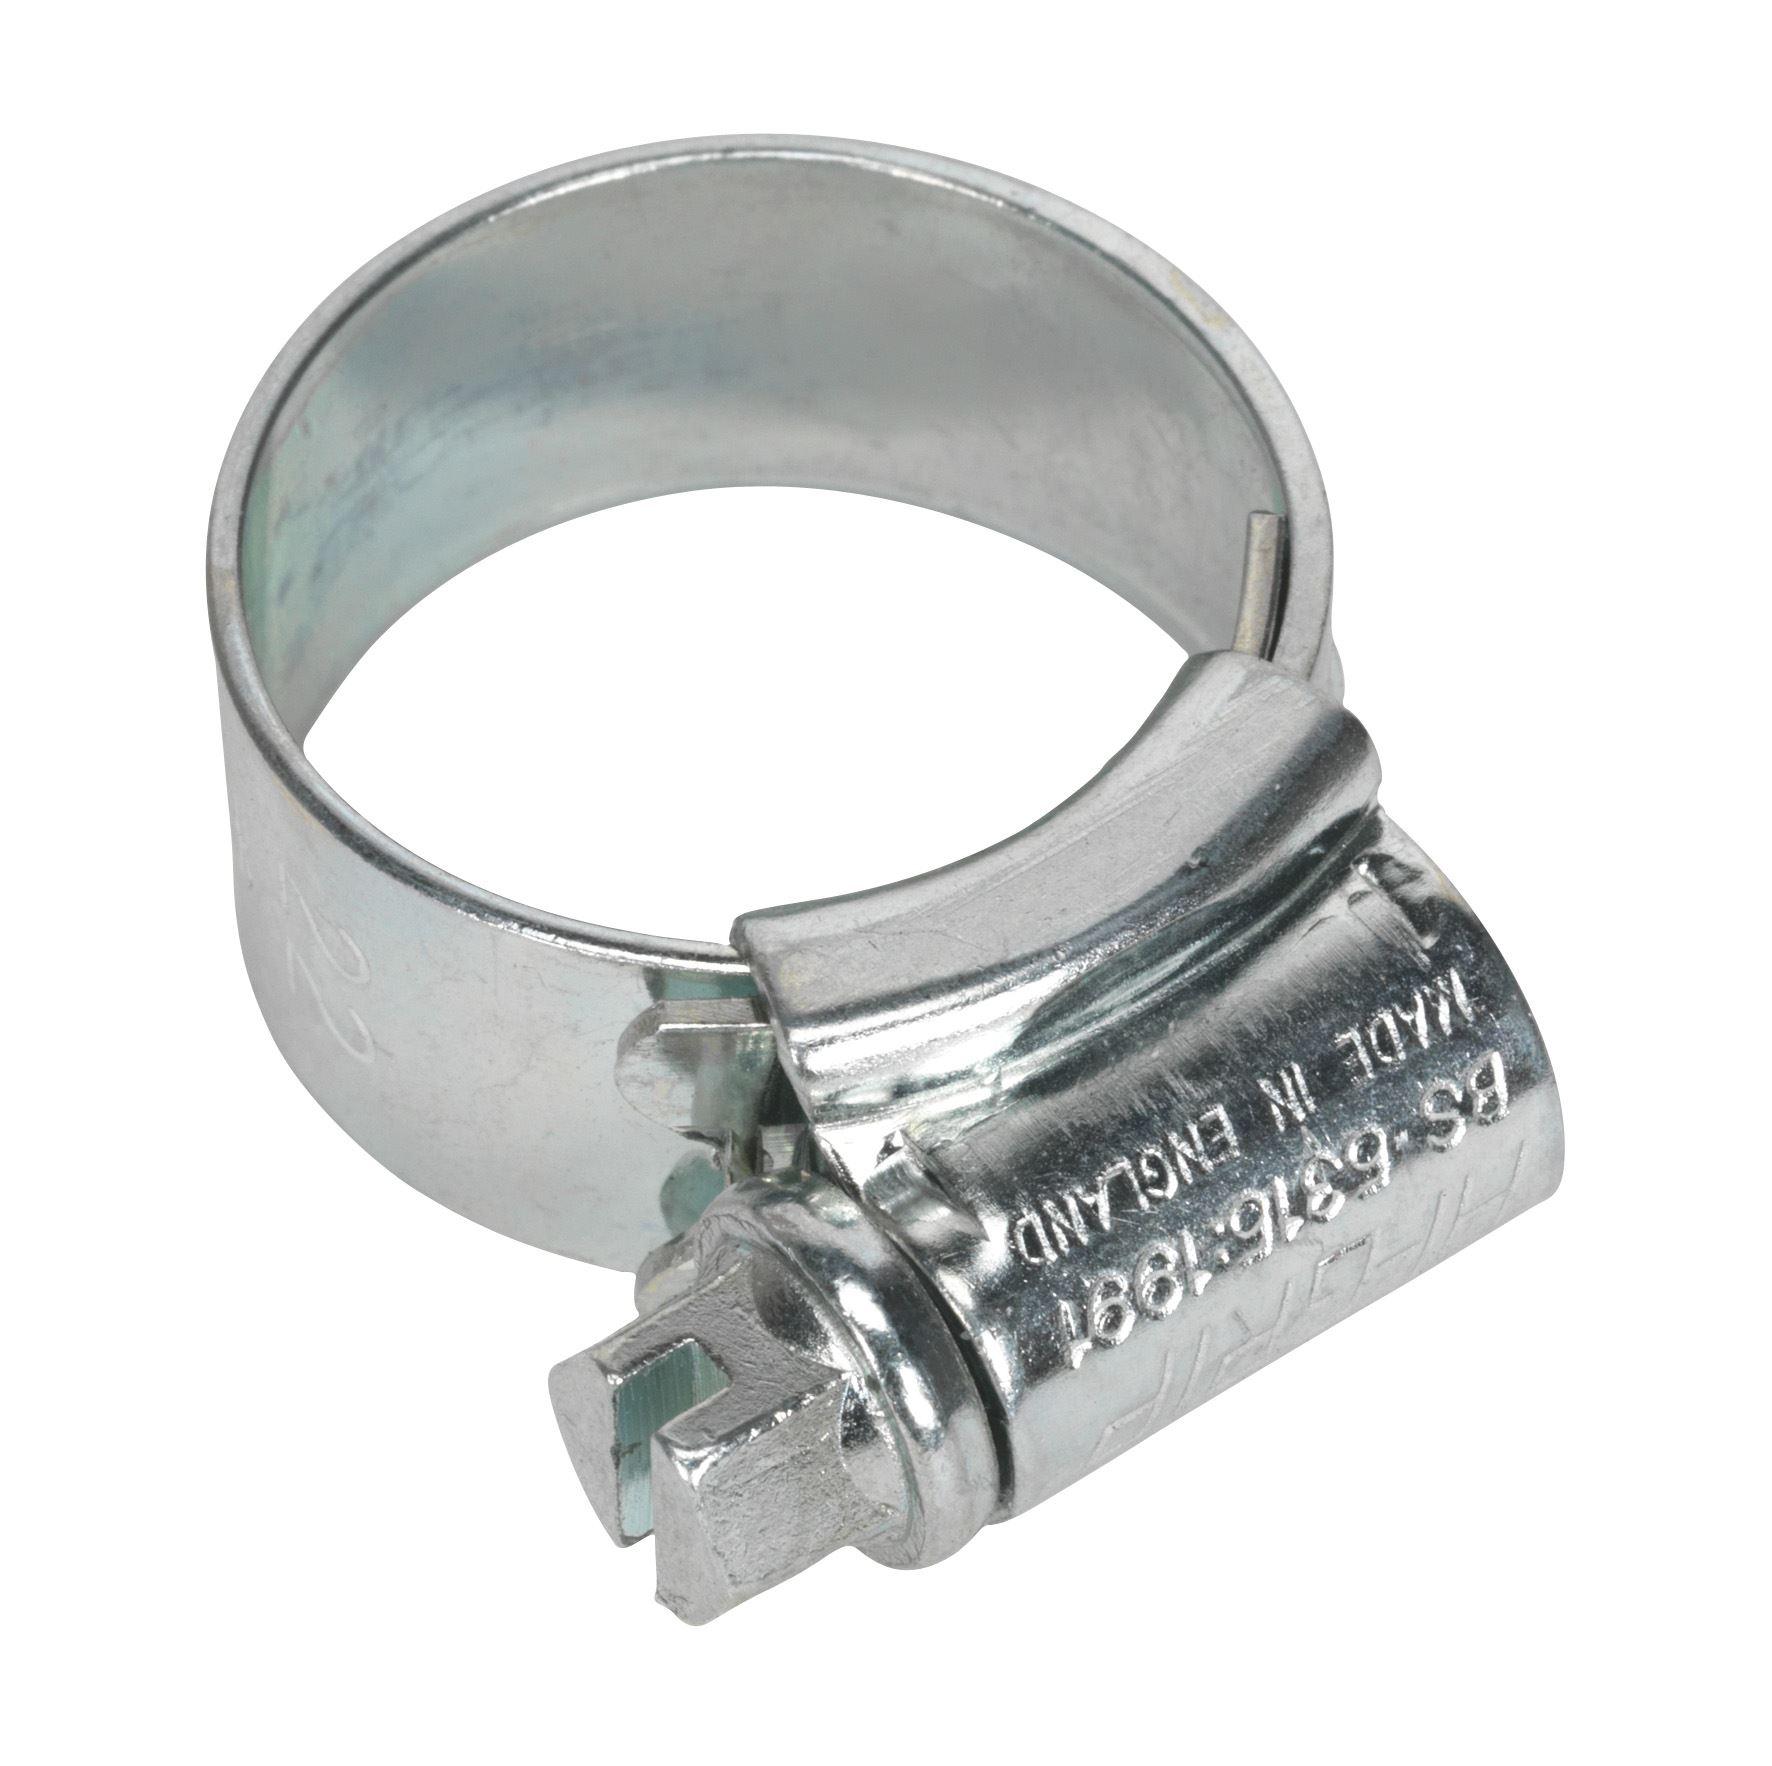 Sealey HCJ0 Hi-Grip® Hose Clip Zinc Plated Ø14-22mm Pack of 30